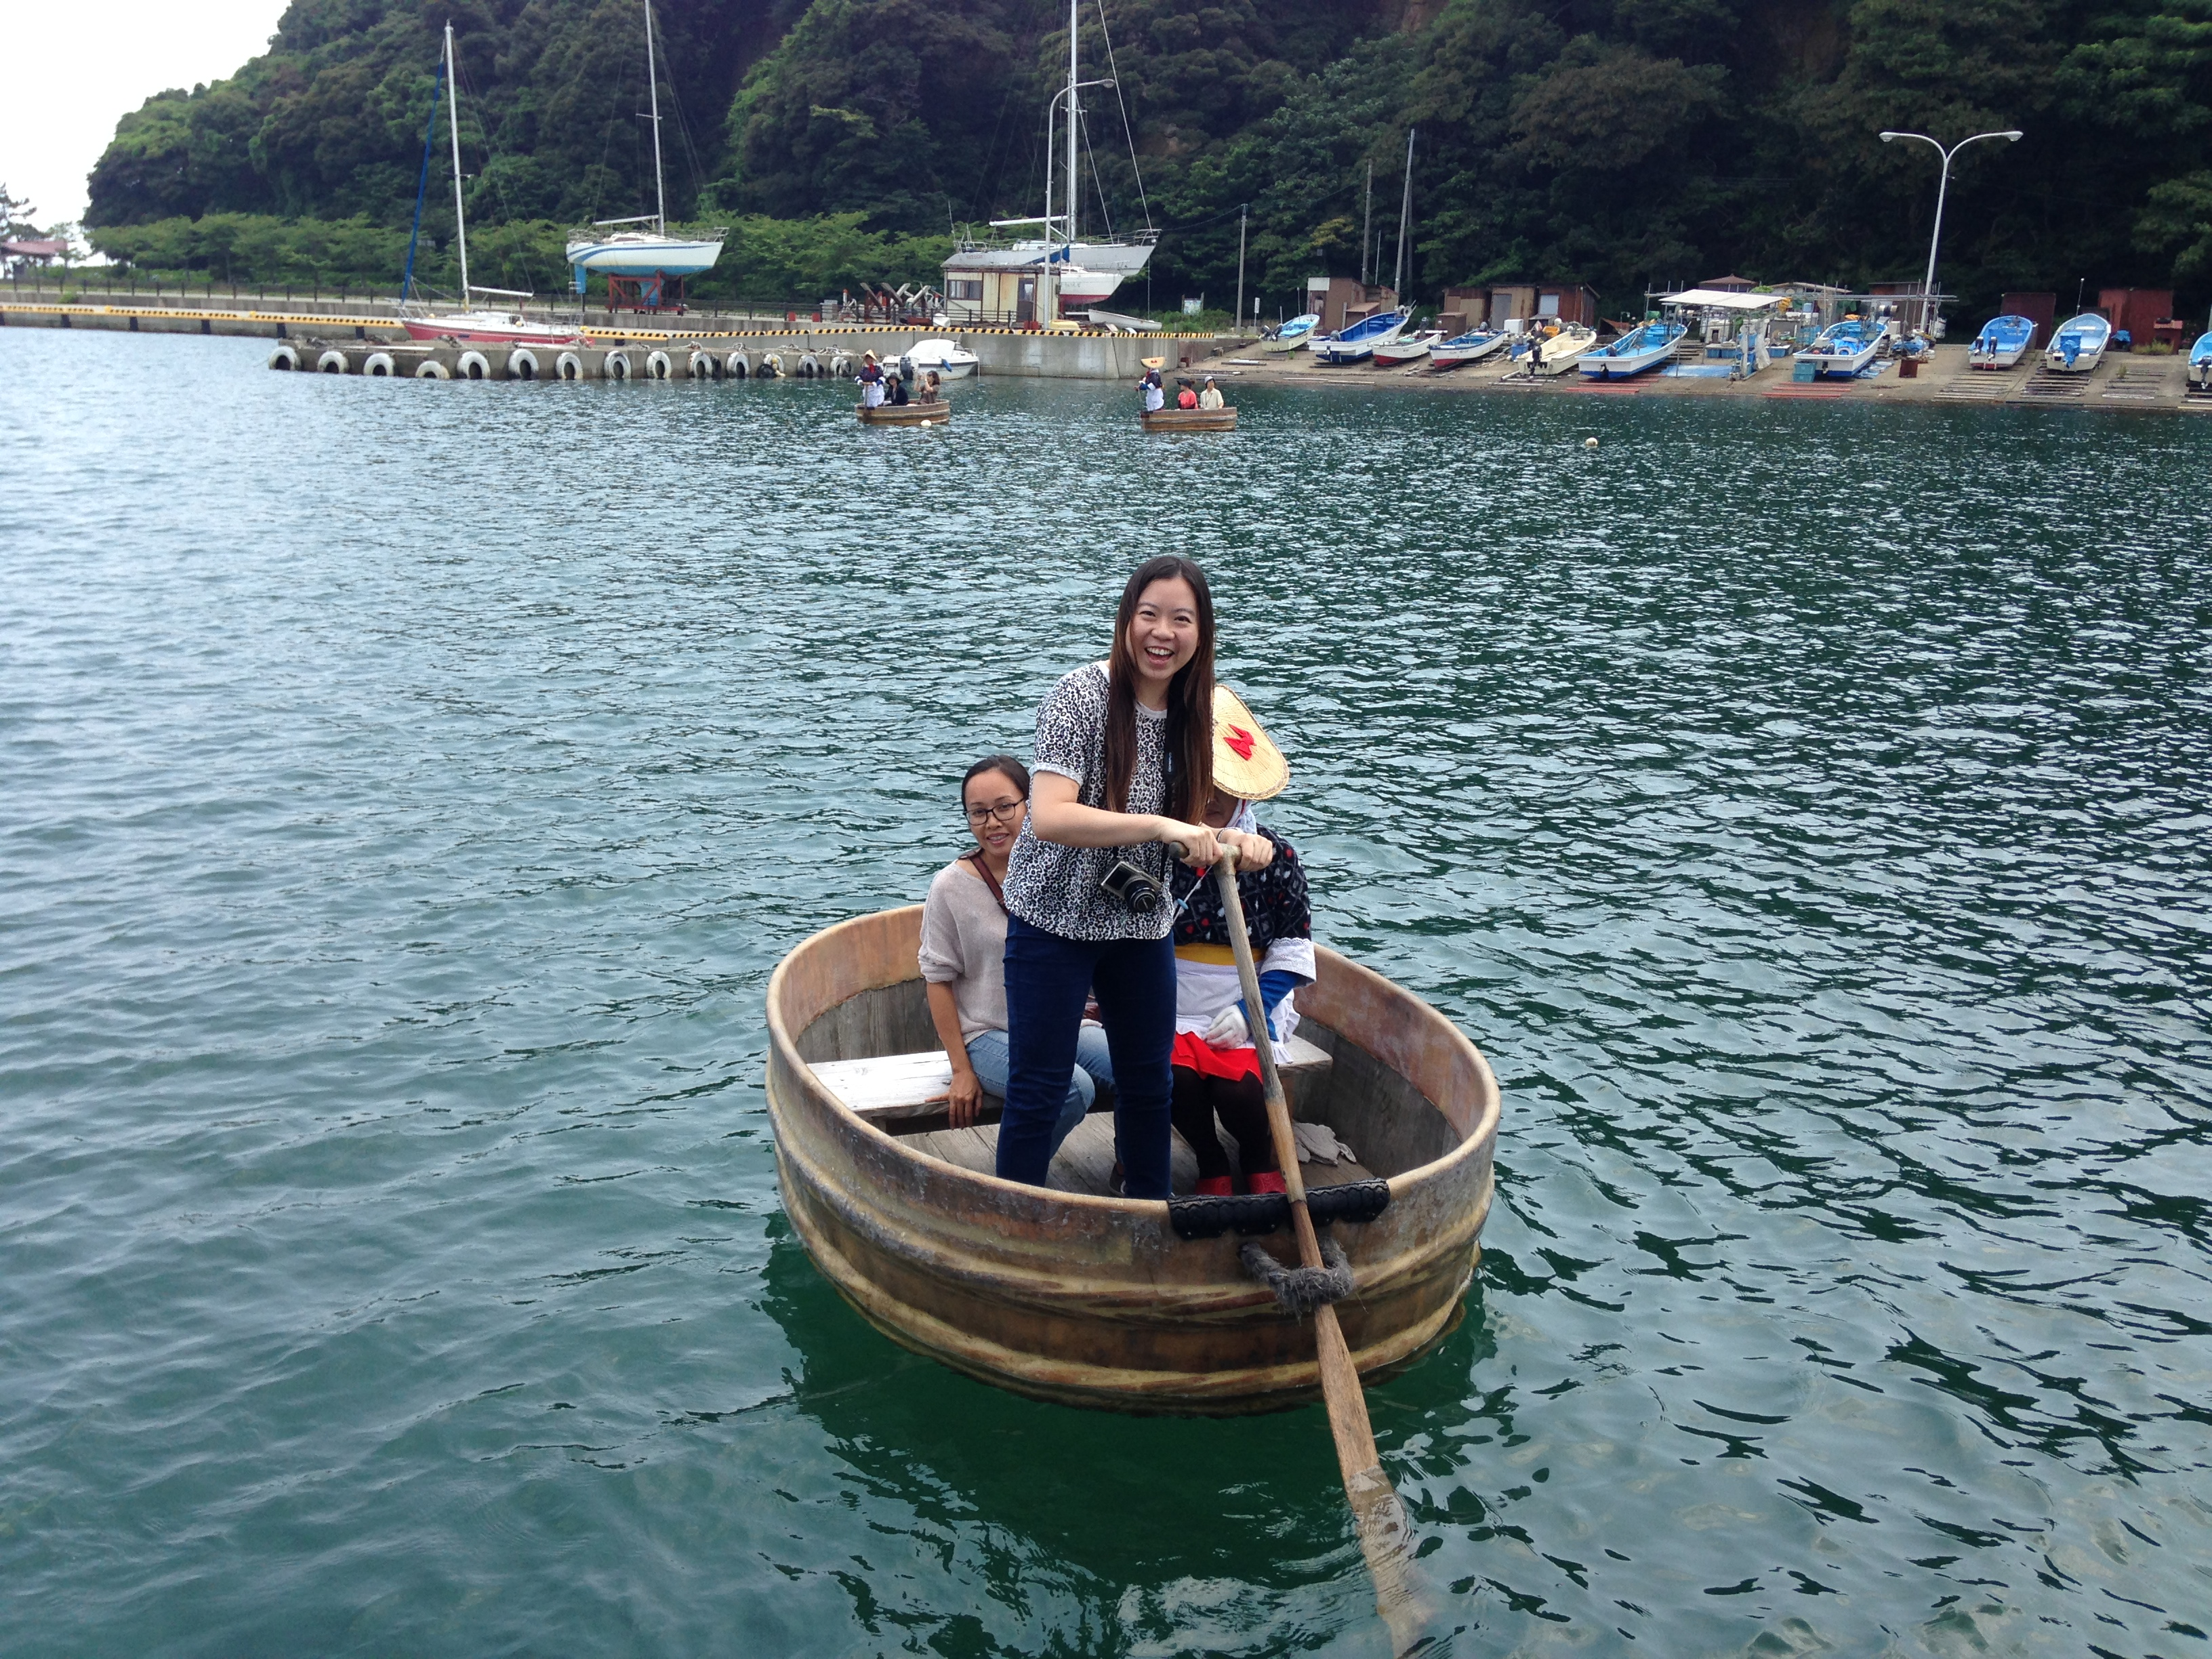 驾驶木盆舟的方法看似简单,但轮到自己上阵可能就是原地打转。